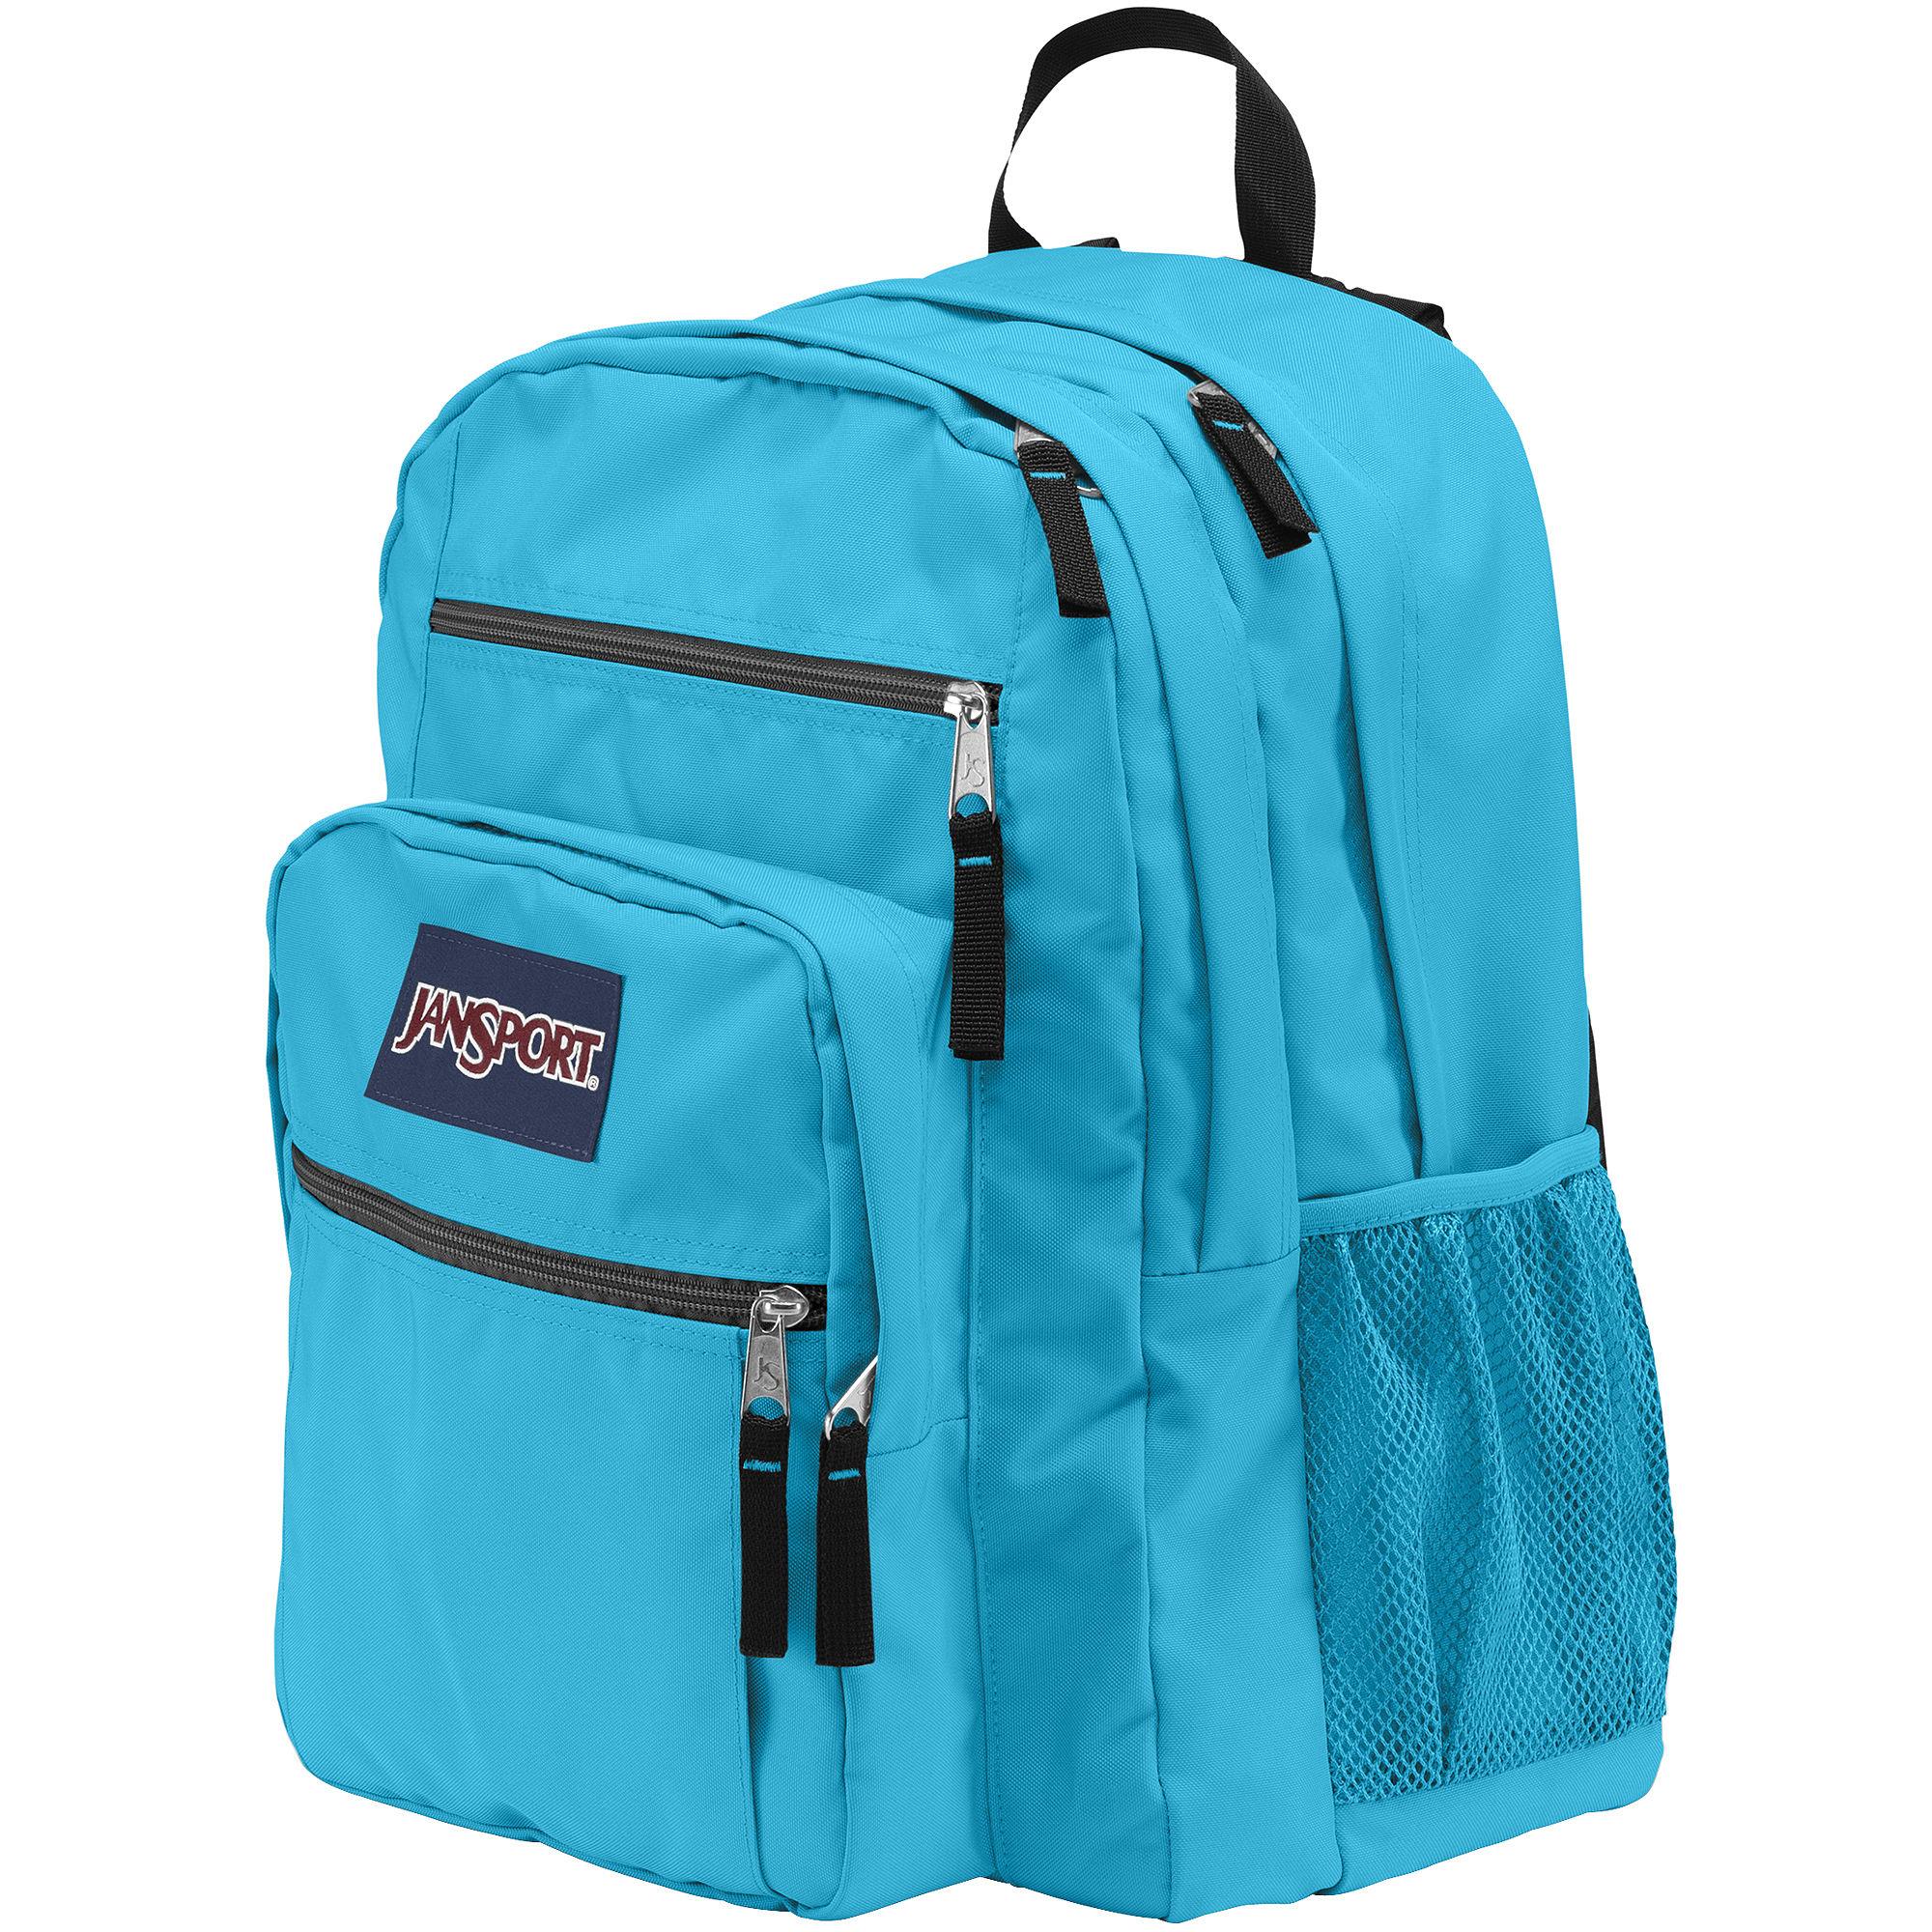 433d4080d0e4 Jansport Superbreak Backpack Kohls